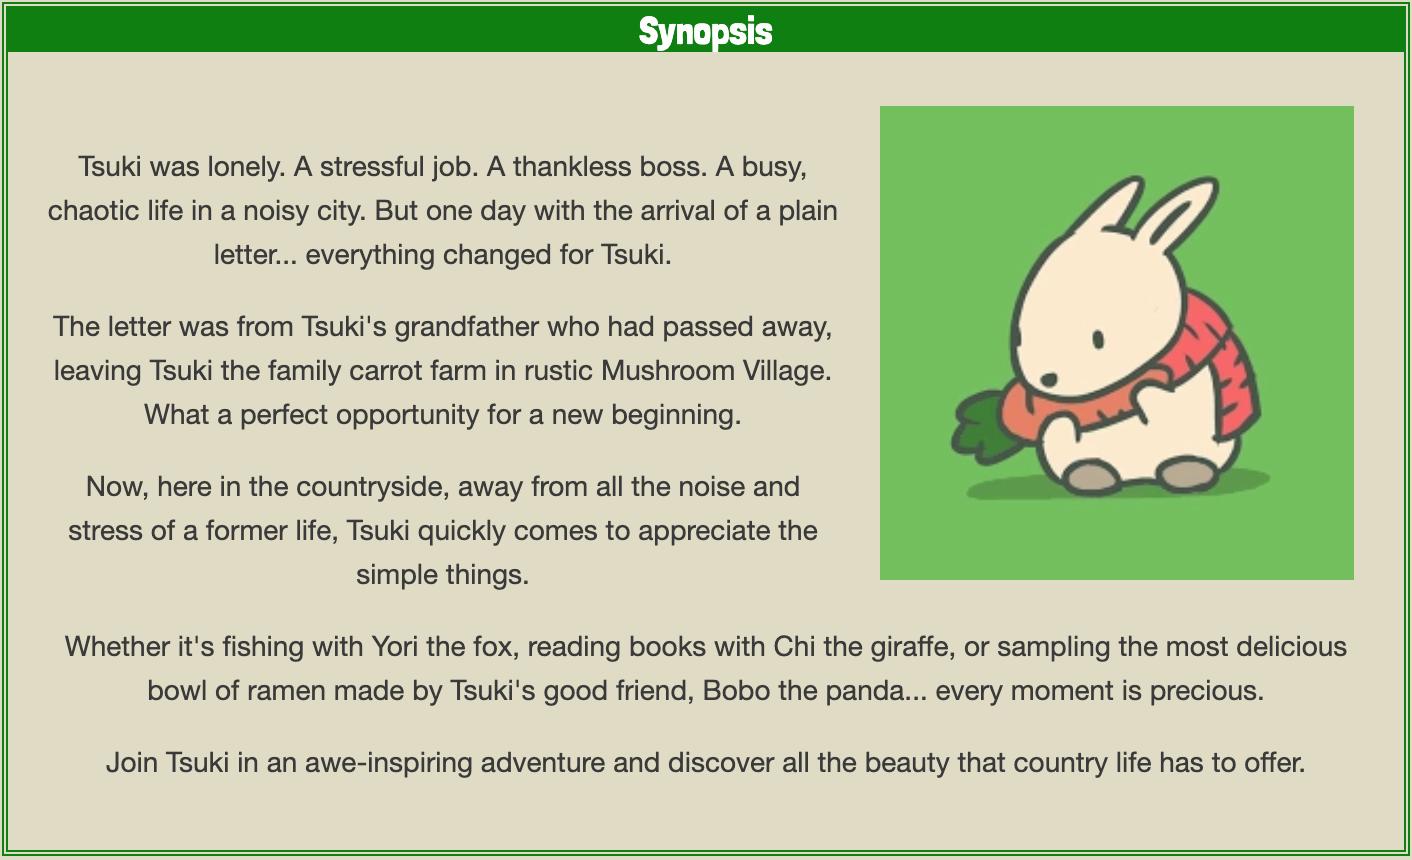 Source:  https://tsuki-adventure.fandom.com/wiki/Tsuki_Adventure_Wiki